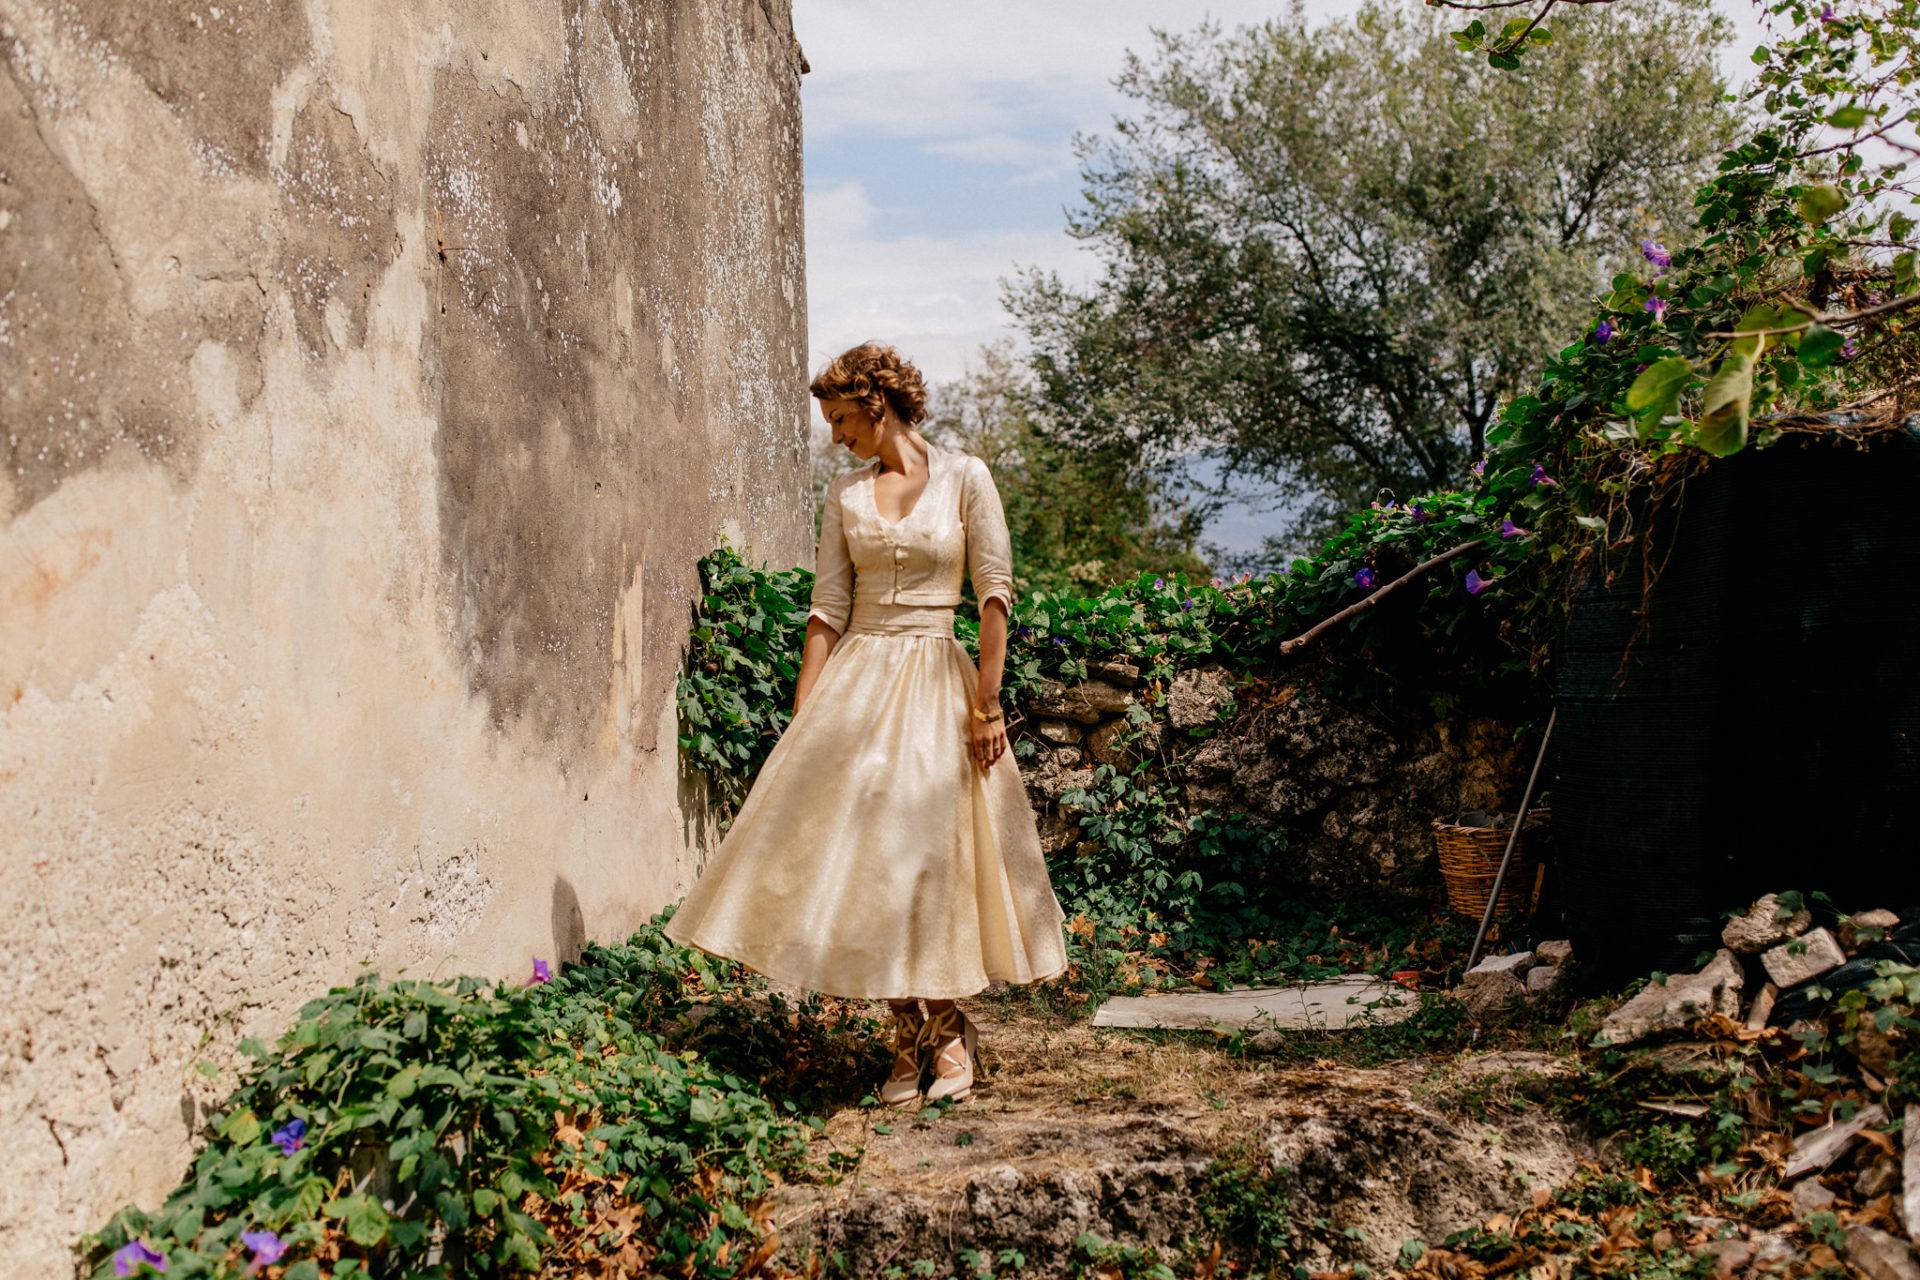 Hochzeitsfotograf Amalfi Küste-heiraten Italien-braut portrait-roccamore schuhe